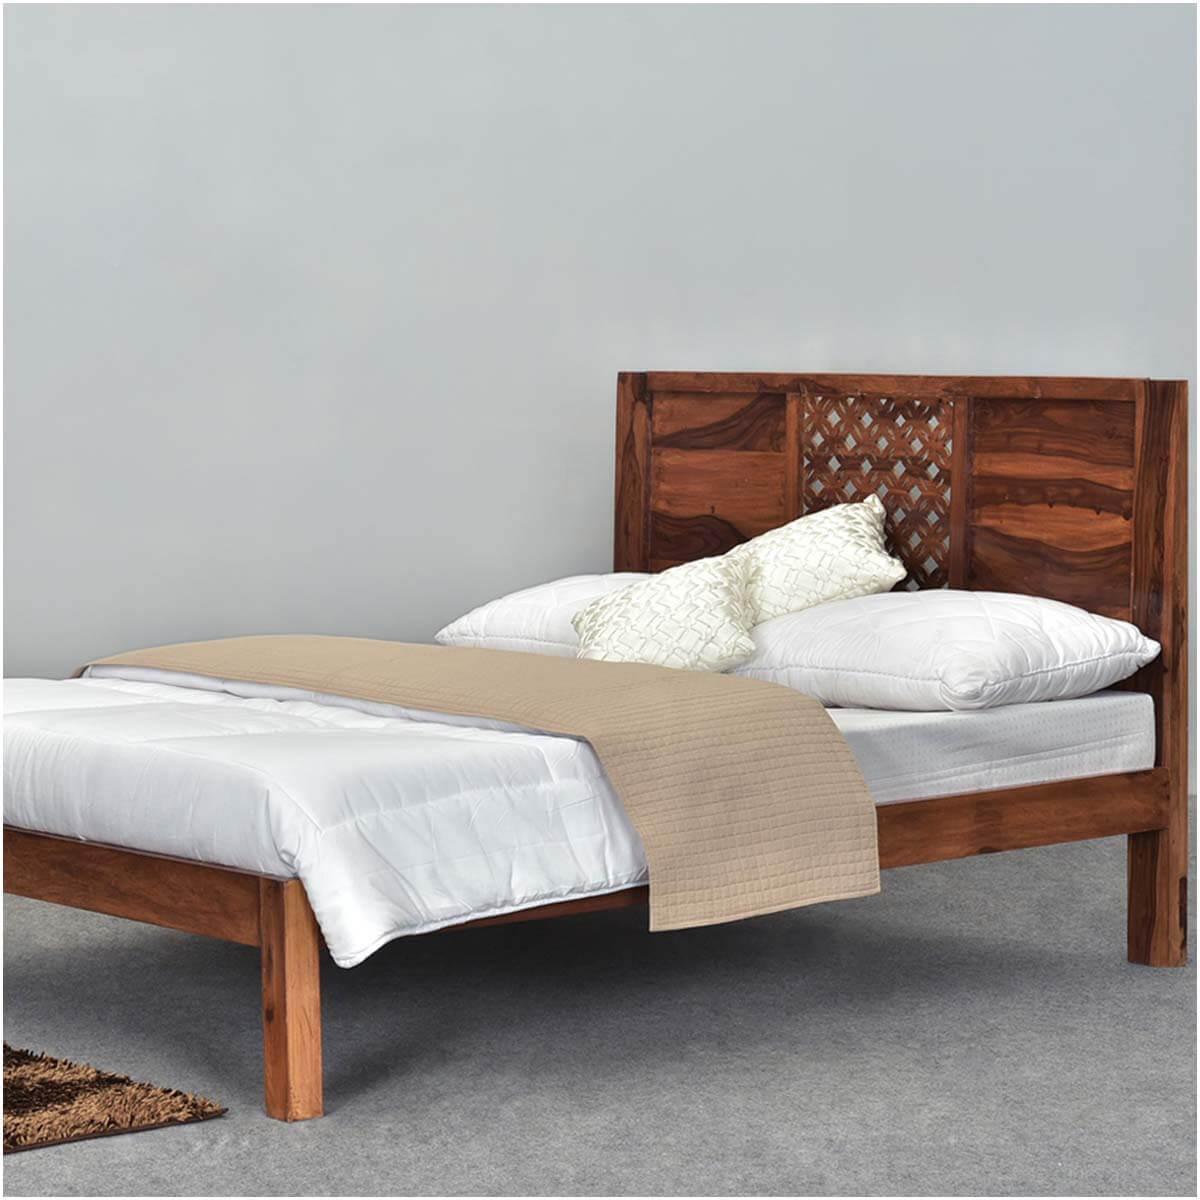 diamond lattice solid wood rustic full size platform bed frame. Black Bedroom Furniture Sets. Home Design Ideas